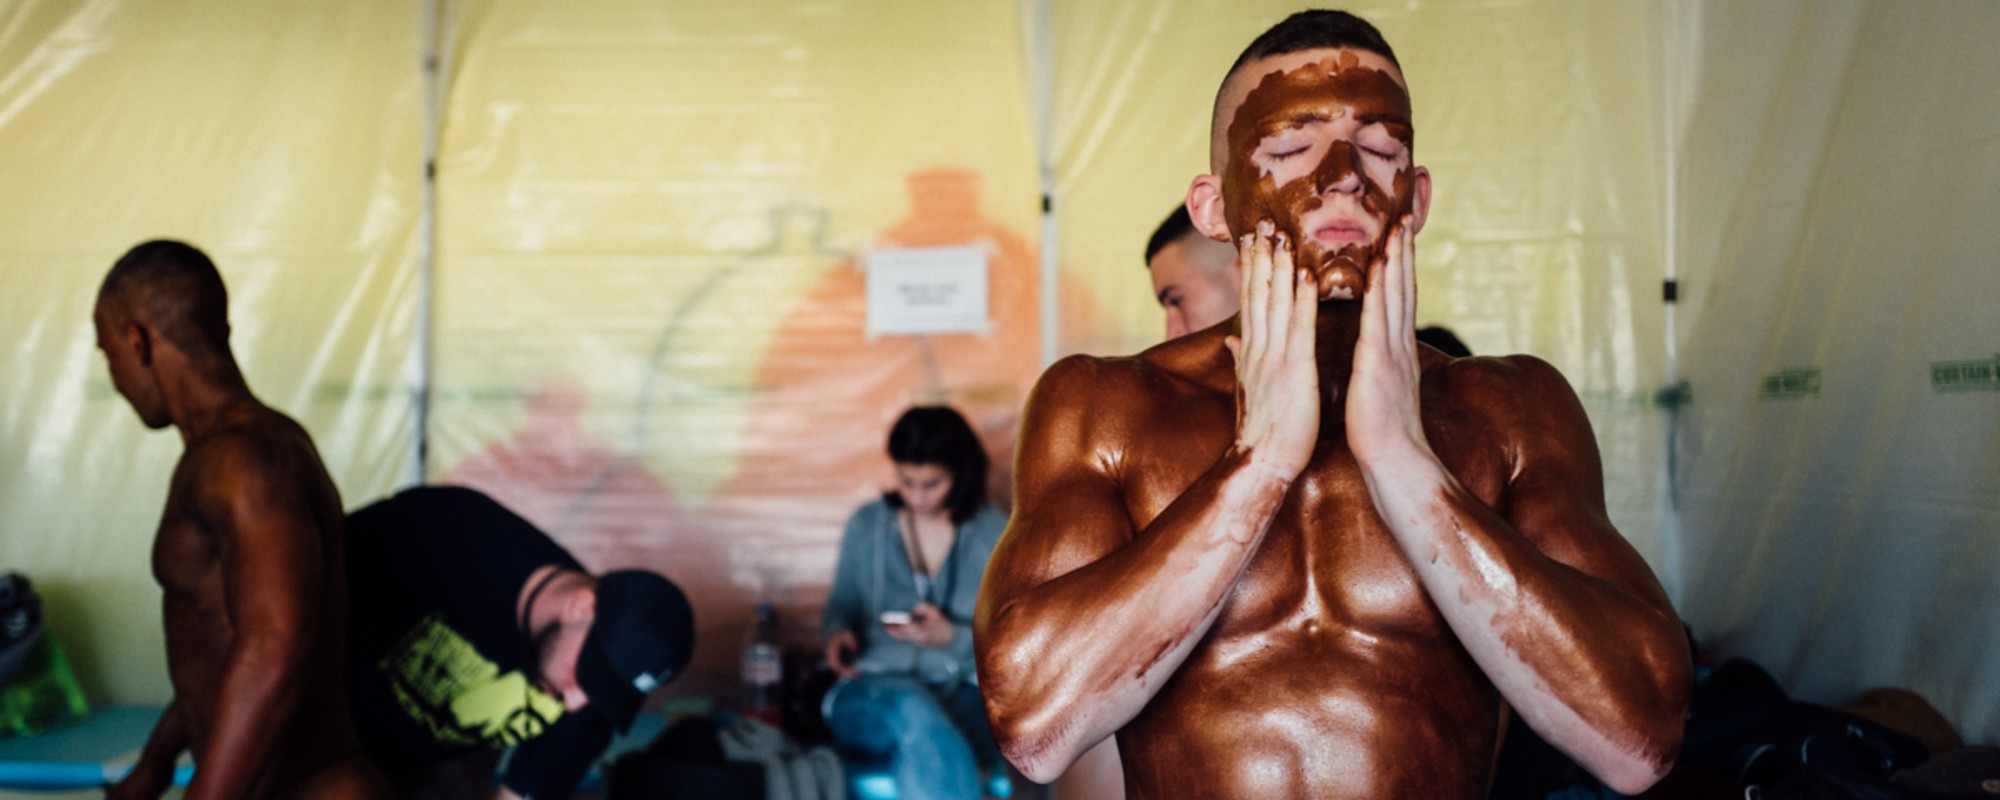 Backstage-Fotos von den Schweizer Meisterschaften im Bodybuilding